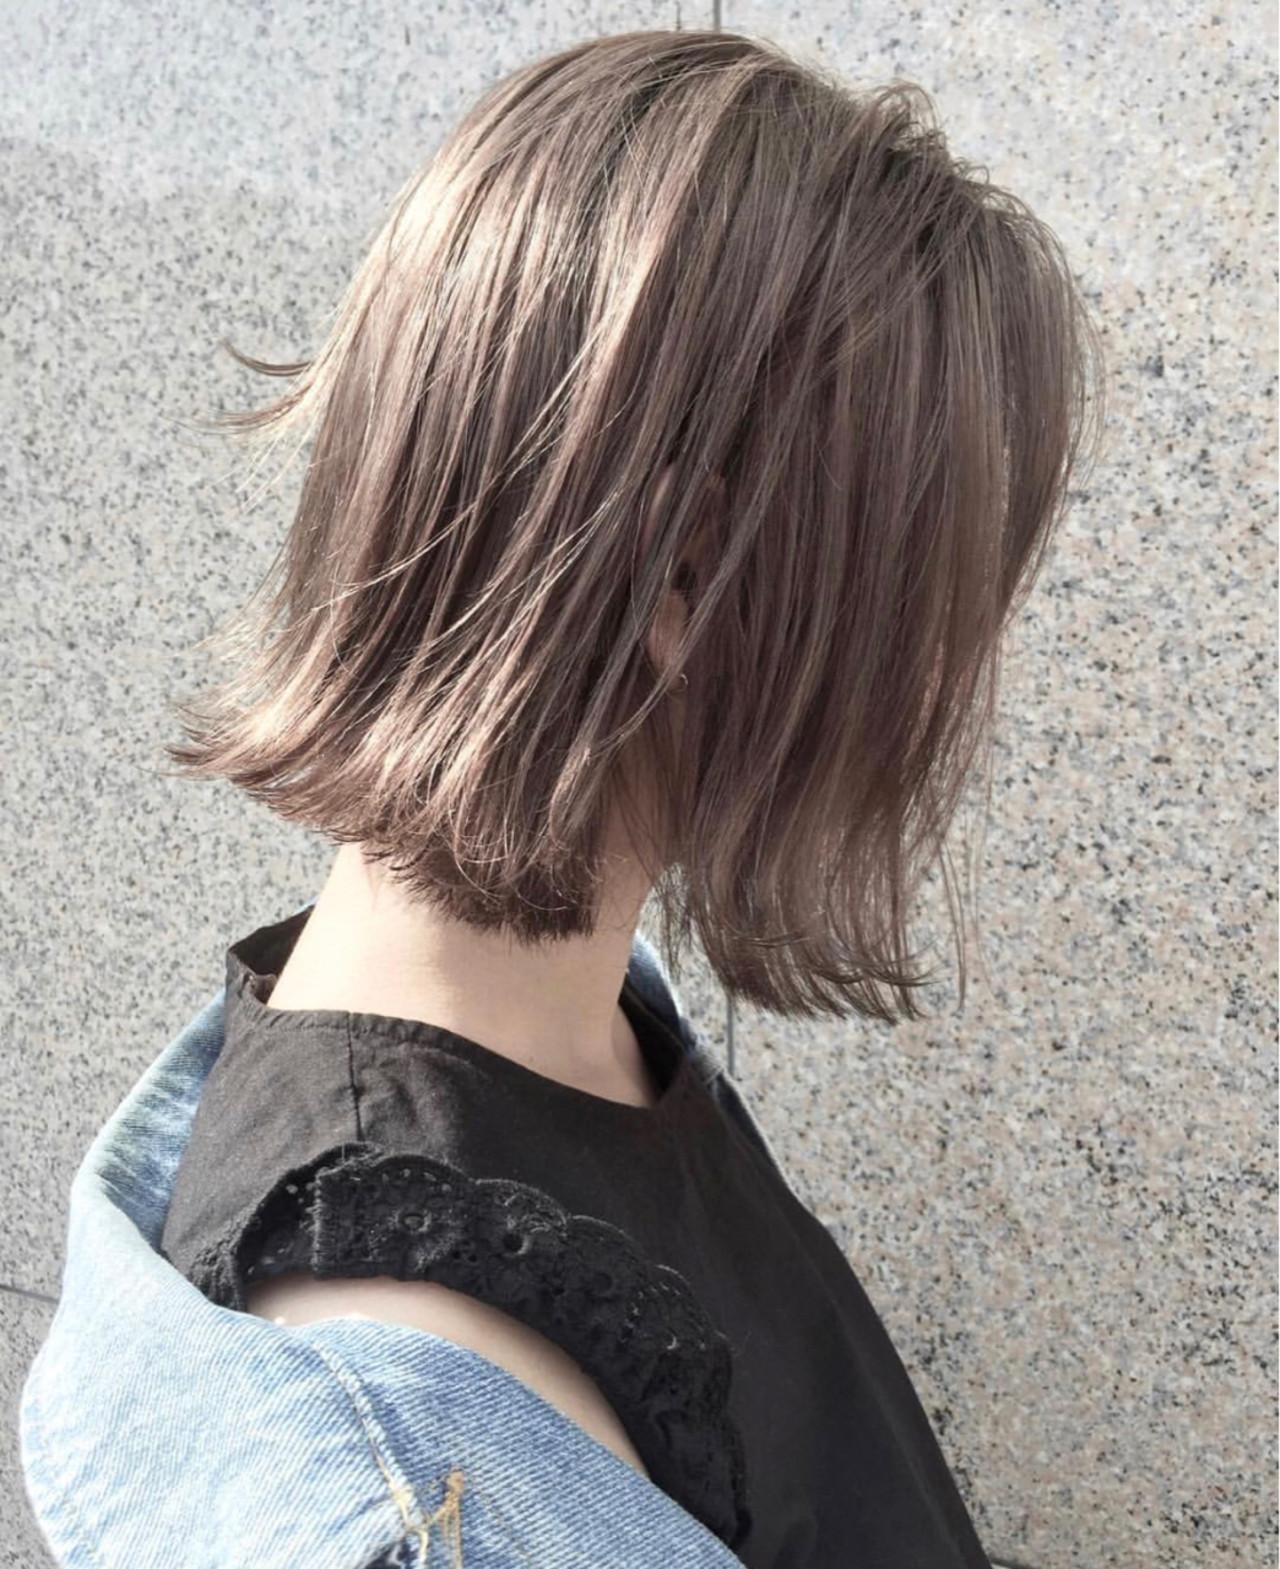 今年の夏はどんな髪色にする?みんなが注目してるおすすめ髪色♡ の9枚目の画像